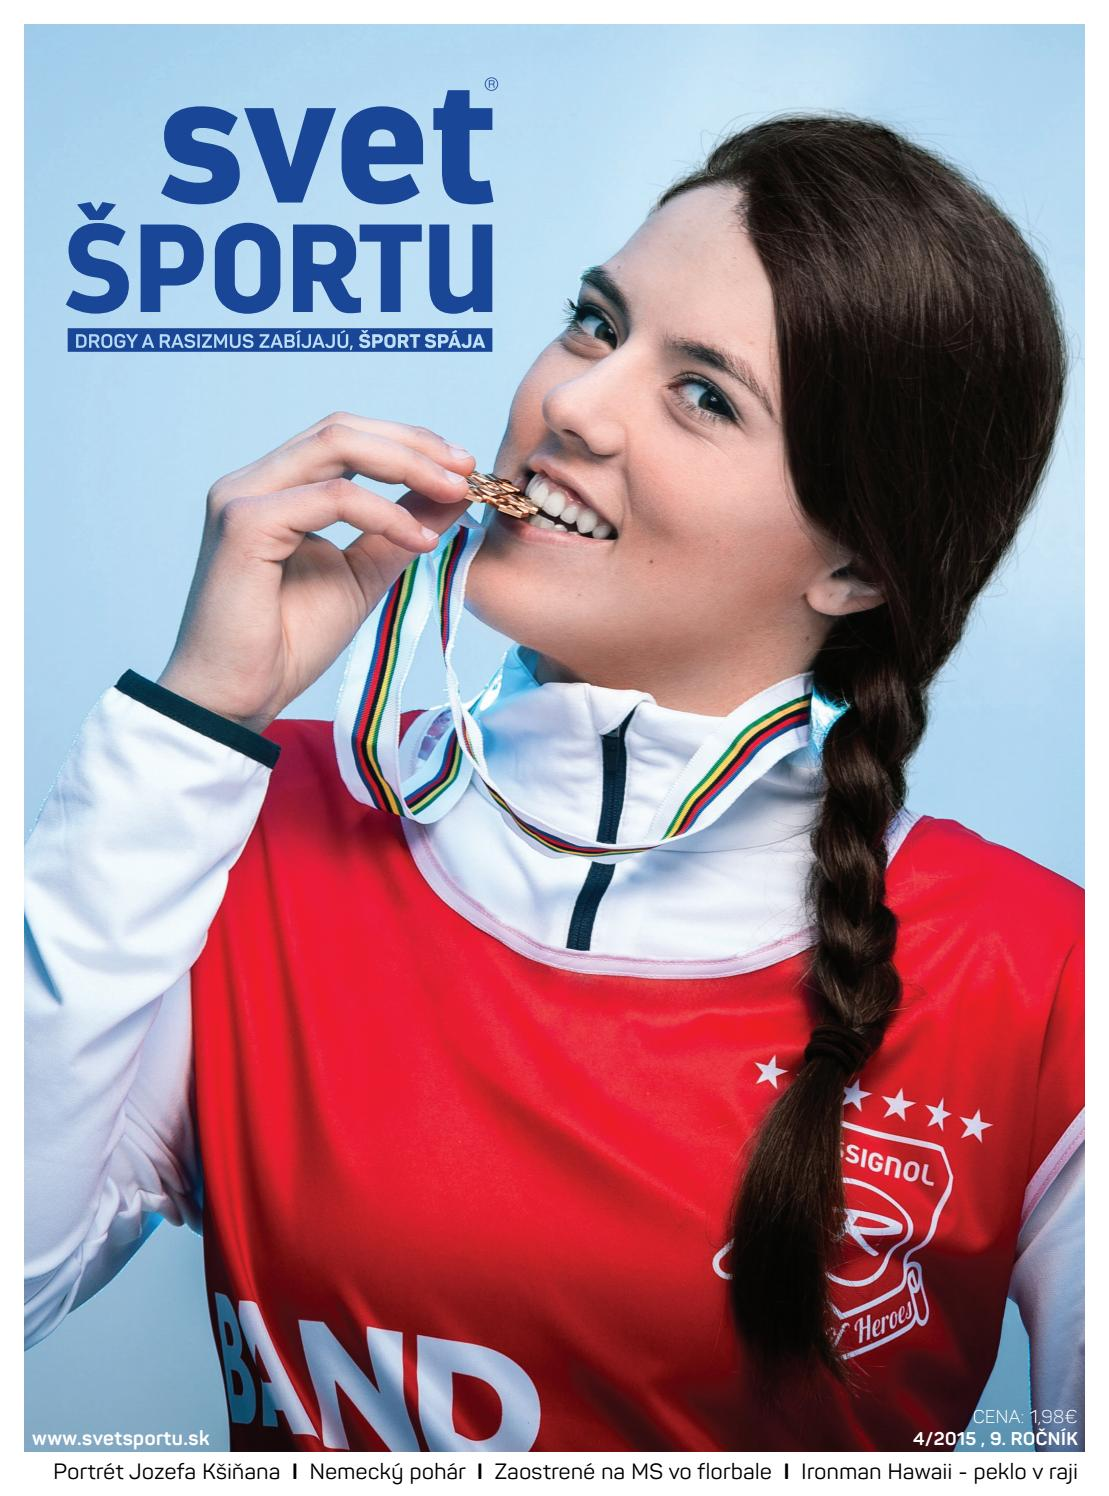 08a34a59828a svet ŠPORTU 4 2015 by svet ŠPORTU - issuu